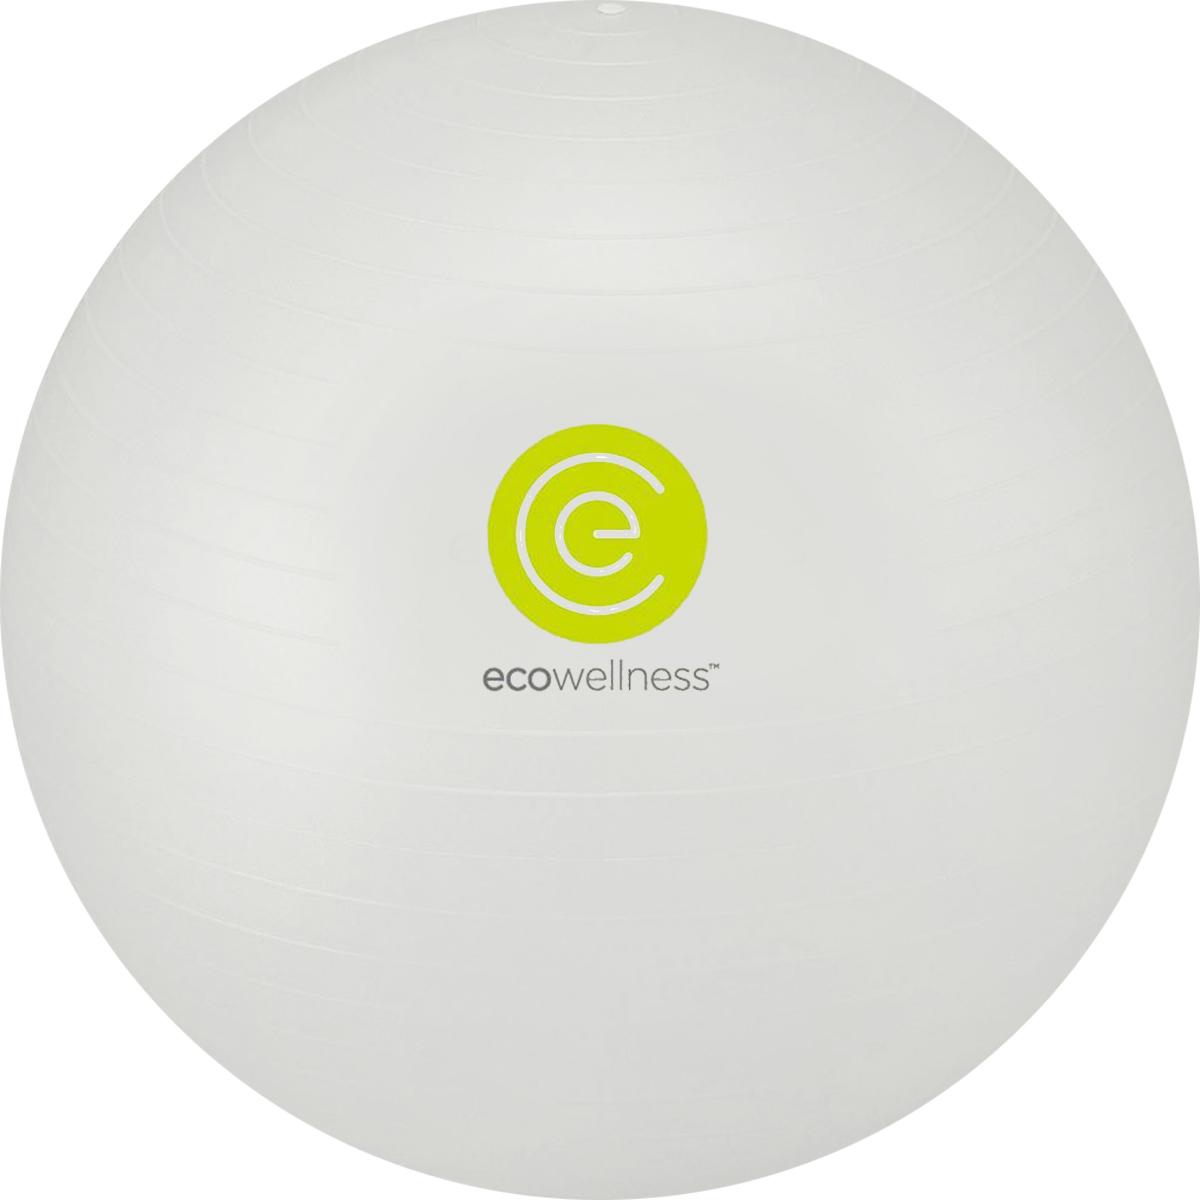 Мяч гимнастический Ecowellness, c ручным насосом, цвет: серый, диаметр 75 смQB-001TAG3-30D_серыйМяч гимнастический Ecowellness, c ручным насосом, цвет: серый, диаметр 75 см